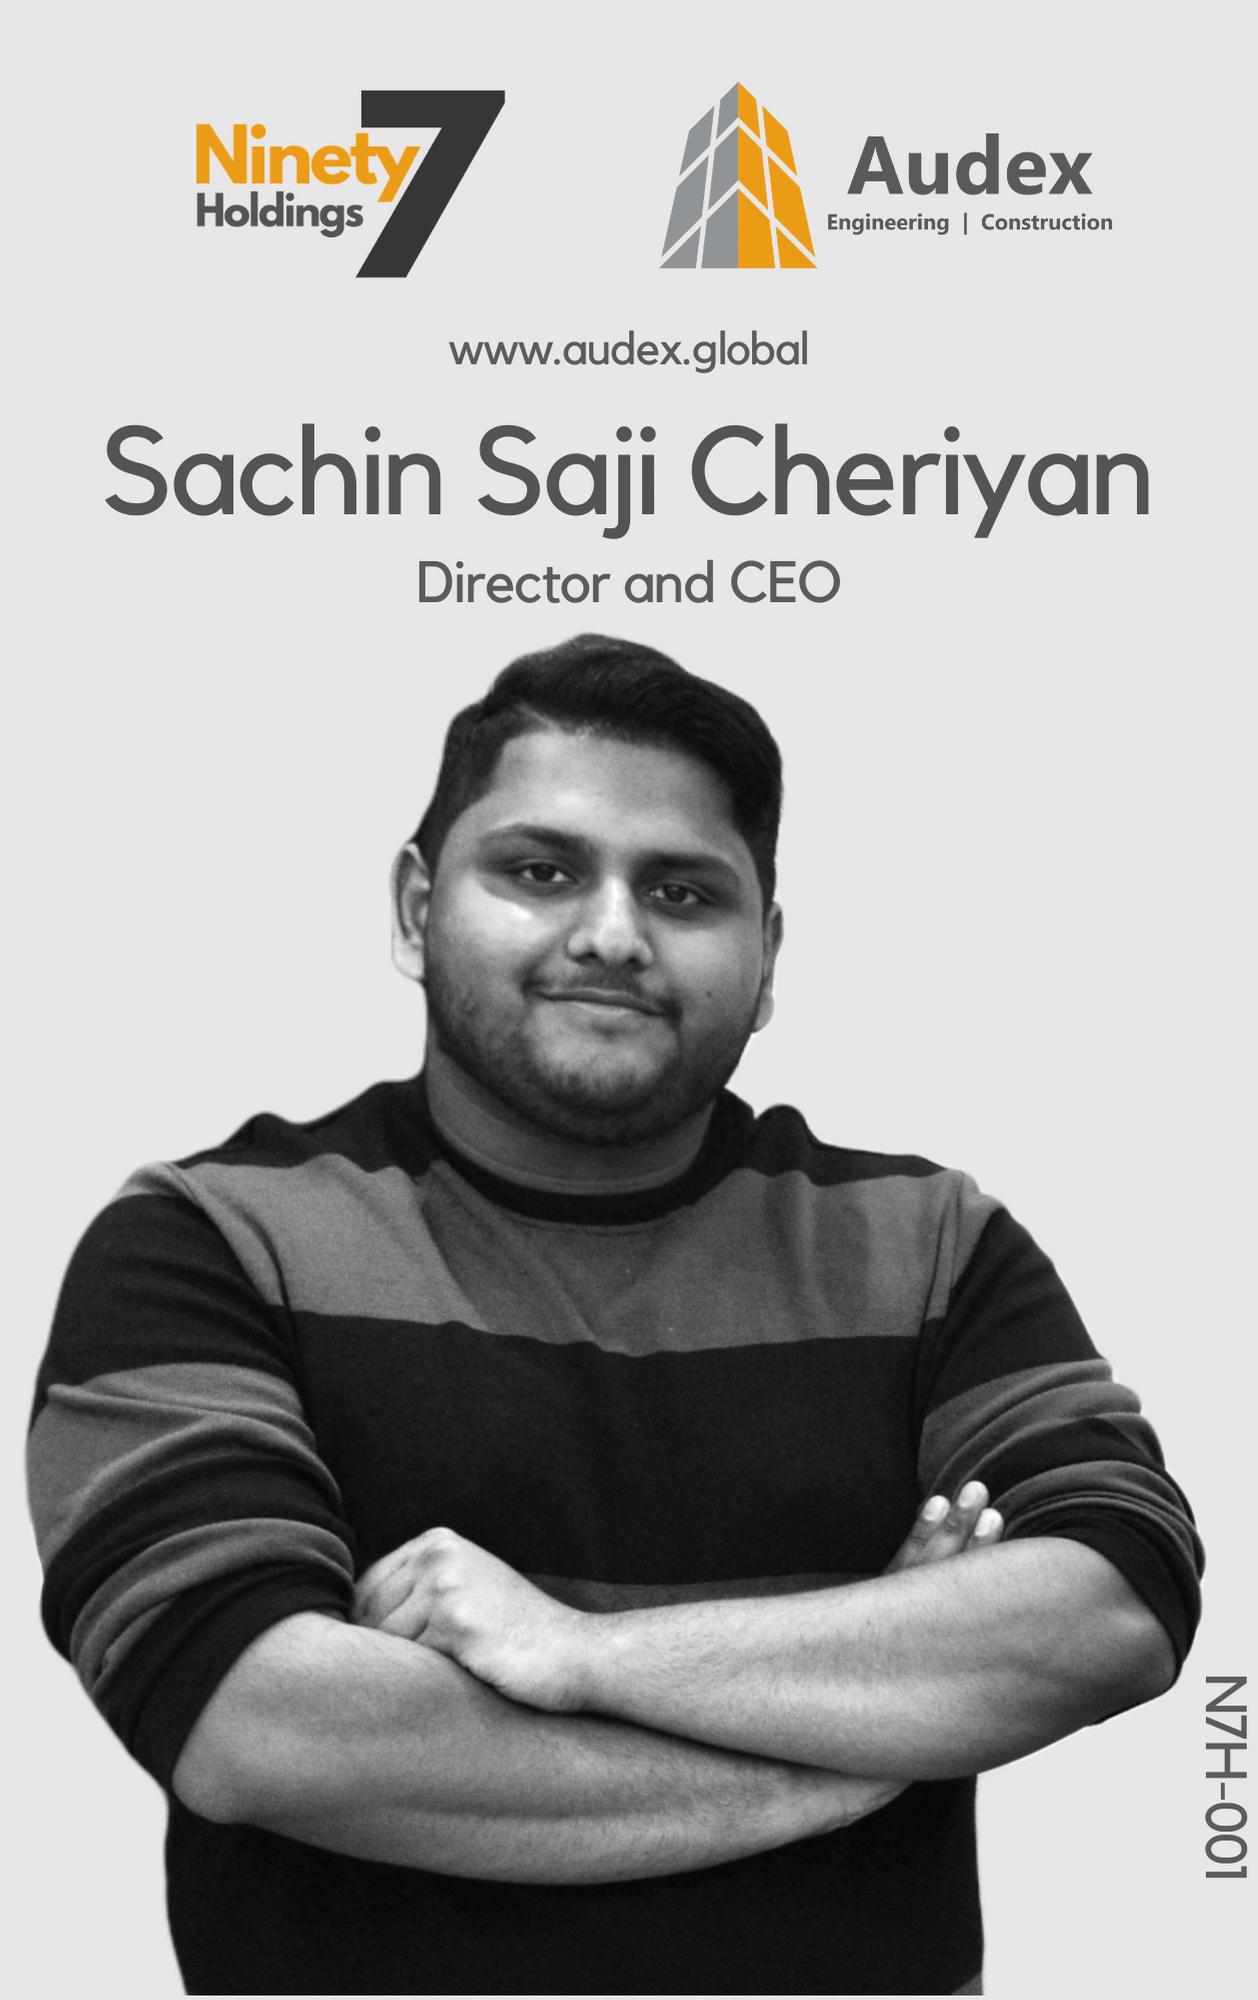 Sachin Saji Cheriyan